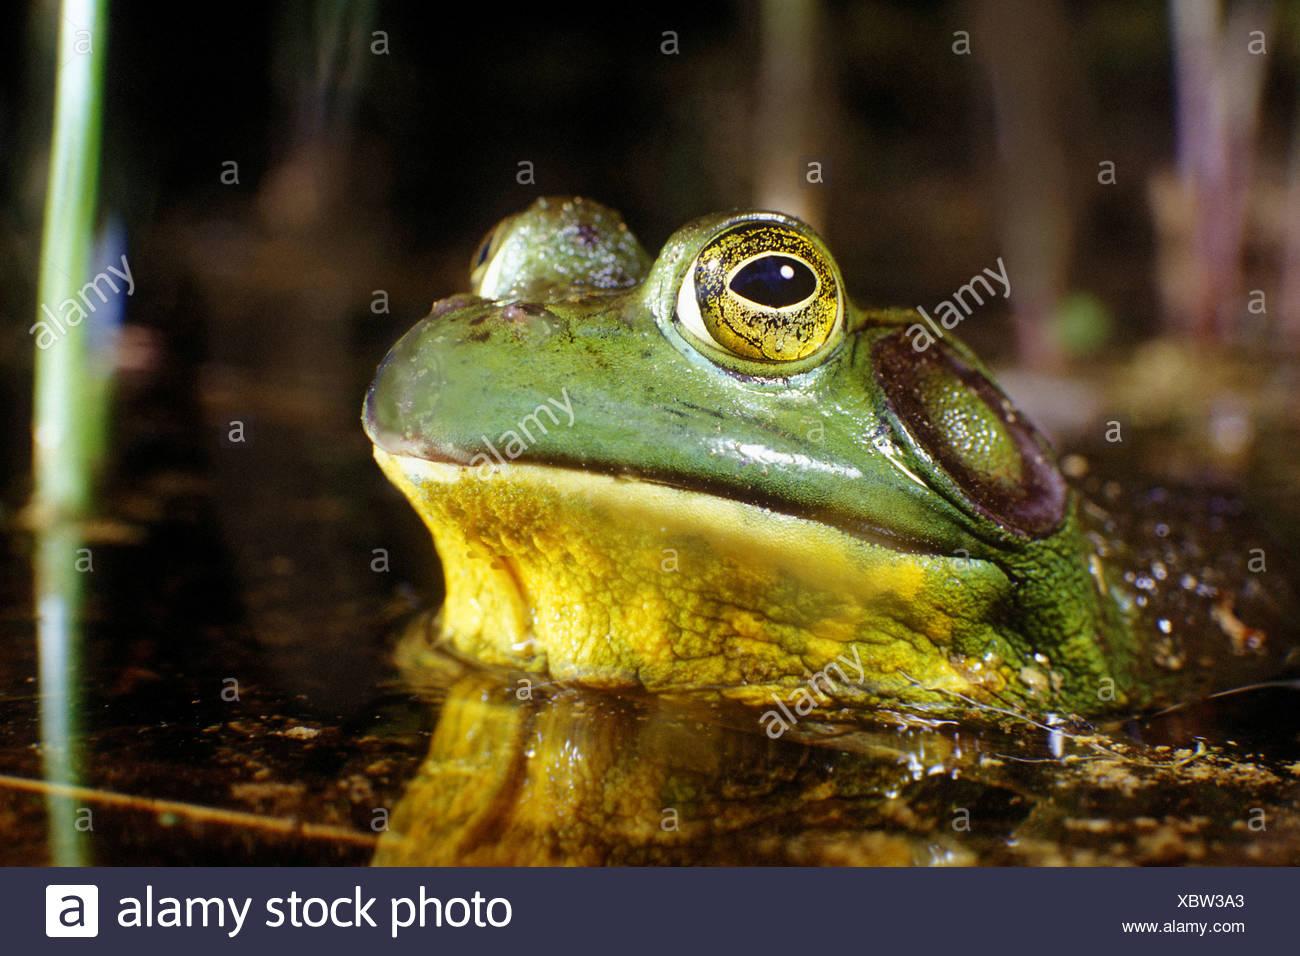 Mit Augen prall gefüllt entsteht ein Ochsenfrosch aus den Tiefen des Lebensraumes Wasserkocher Teich in Cape Cod, Massachusetts. Stockfoto